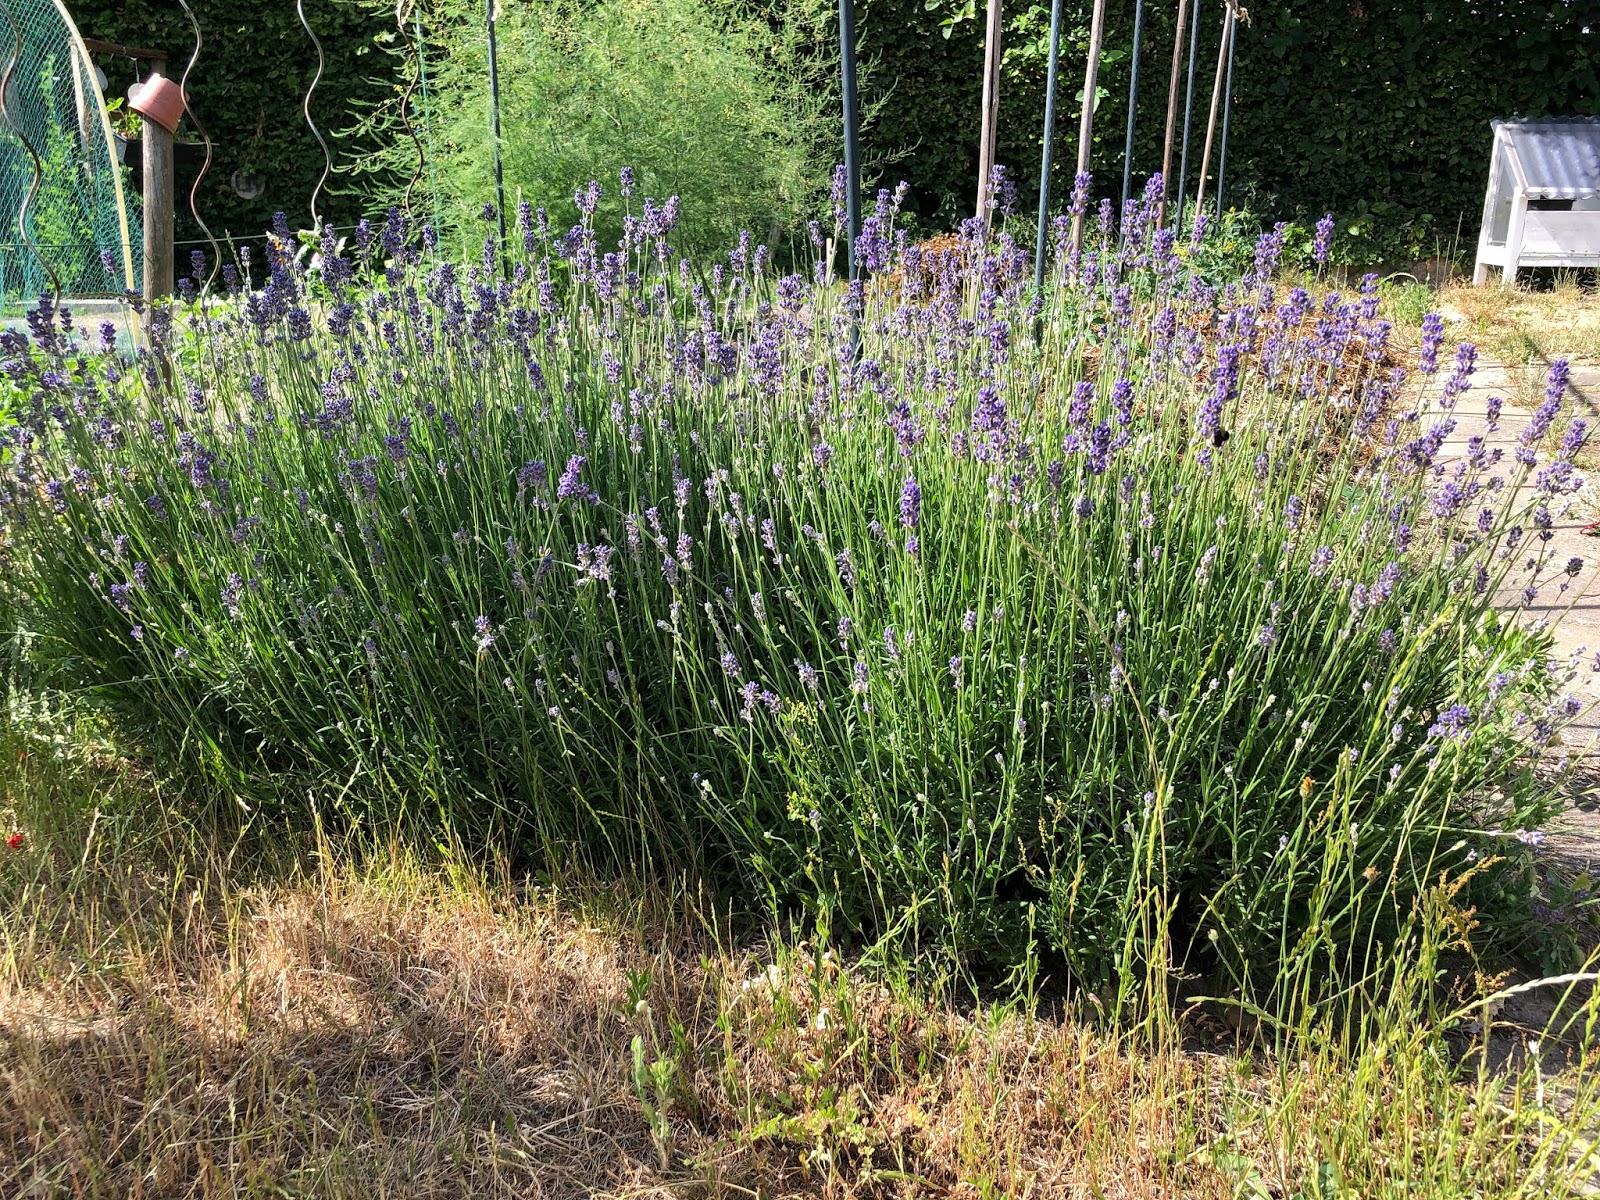 droogte 2020 moestuin volkstuin lavendel